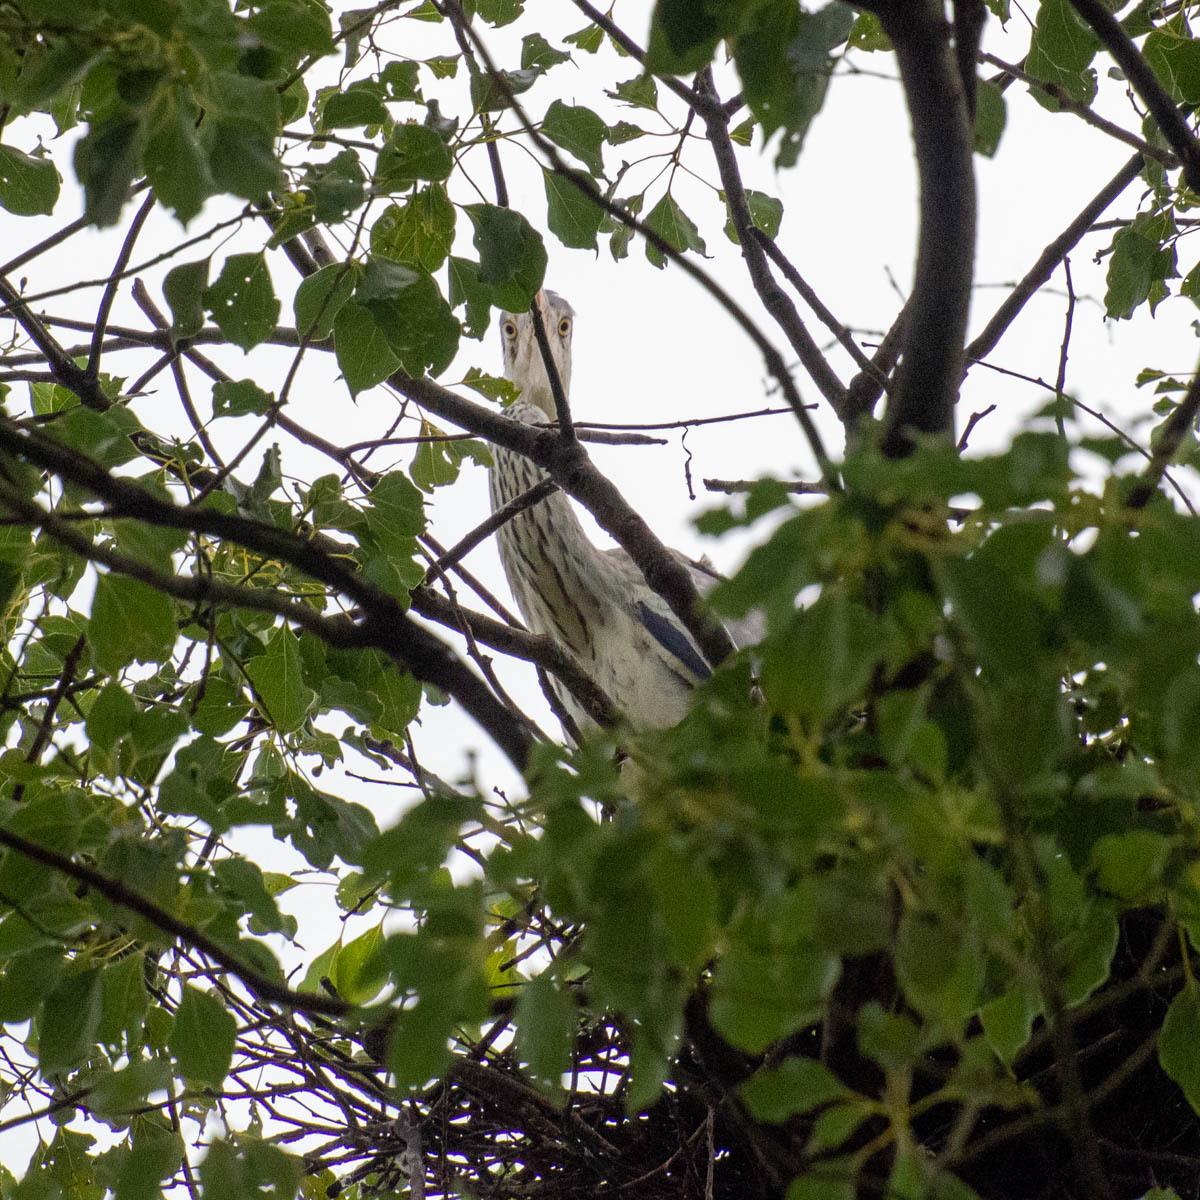 アオサギ コロニー  (アオサギ )  2020/07/25_d0146592_00403229.jpg